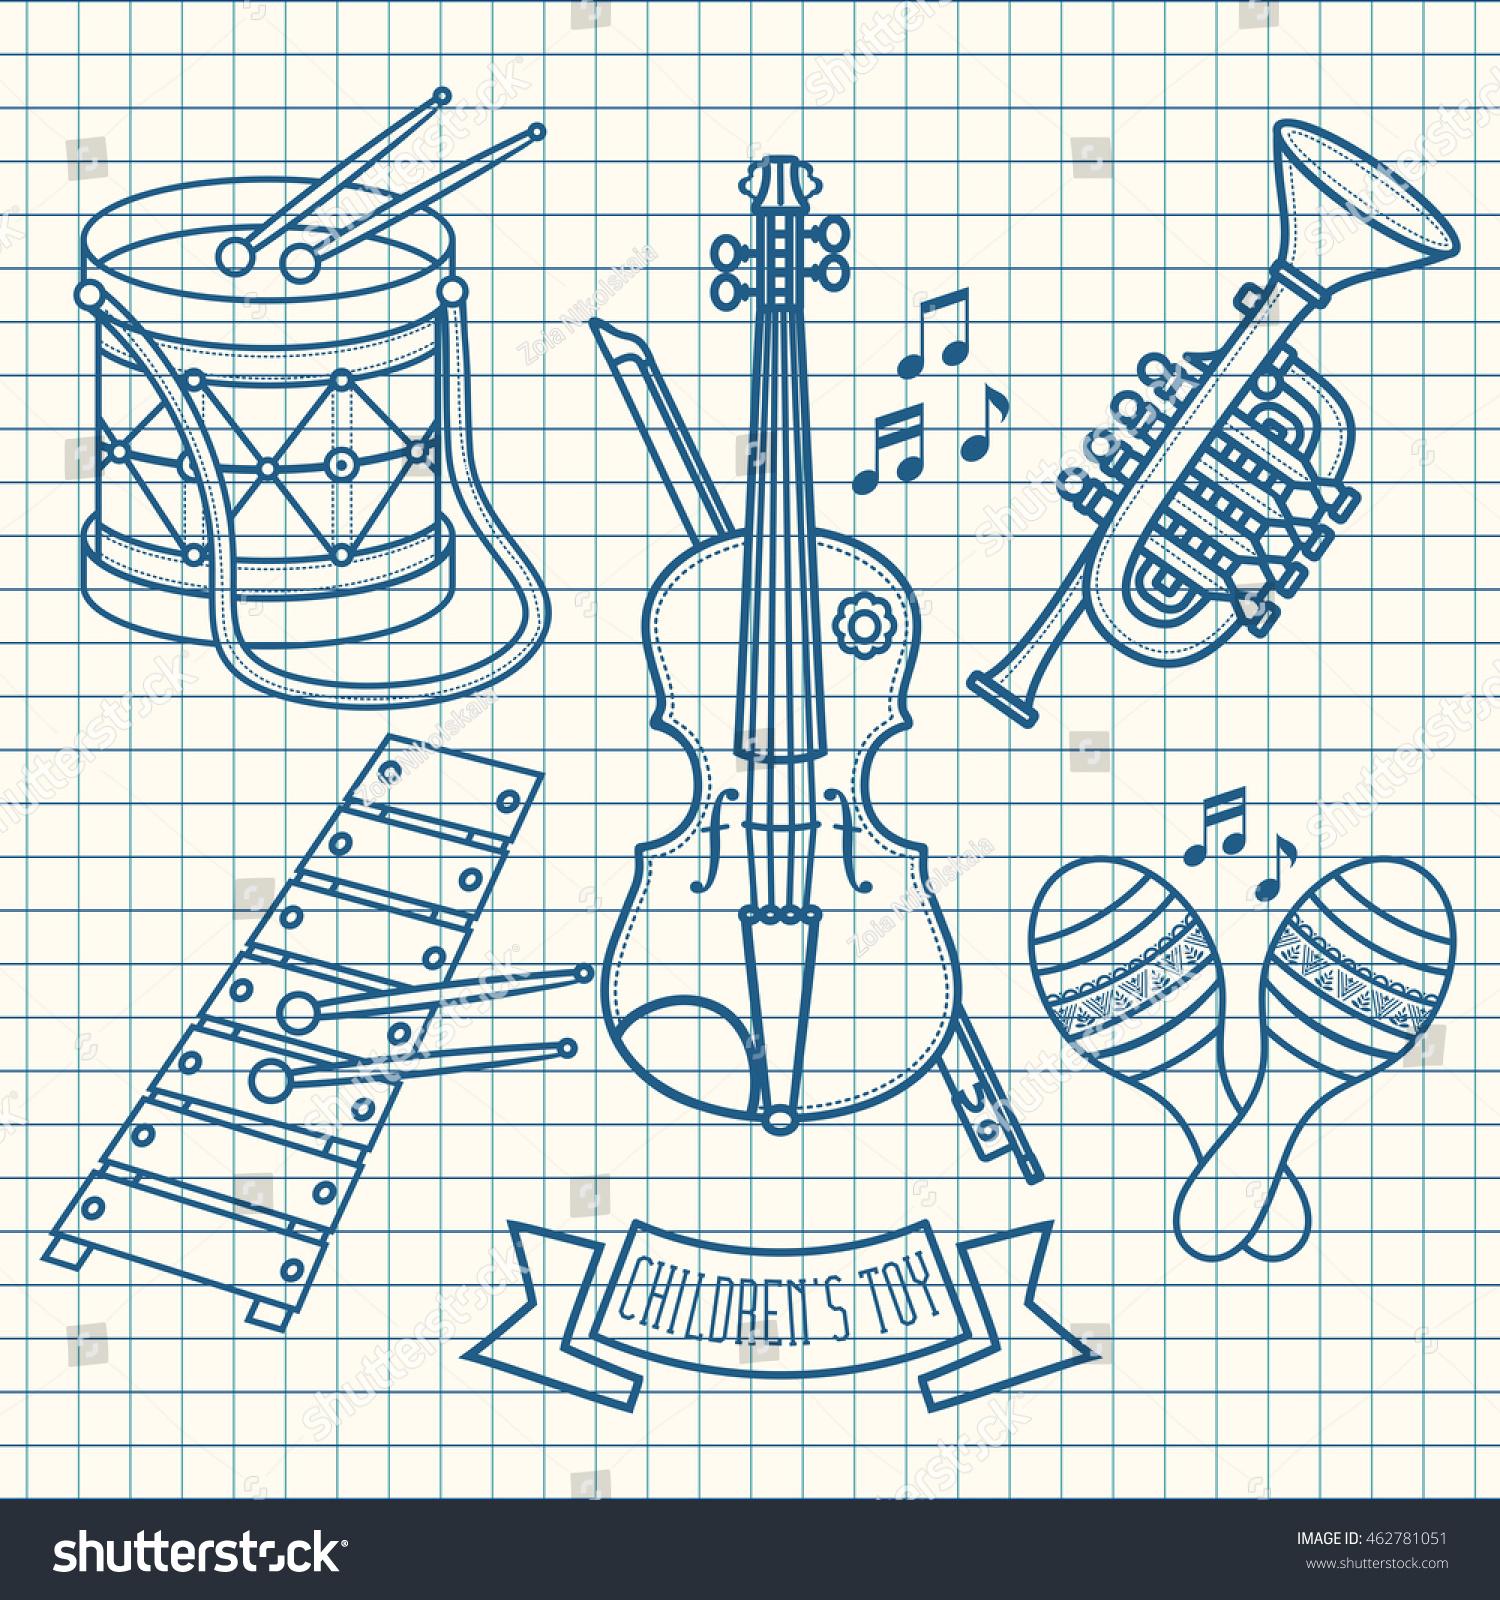 Musical instruments Children's toys Set Violin drum glockenspiel maracas Trumpet Raster Monochrome